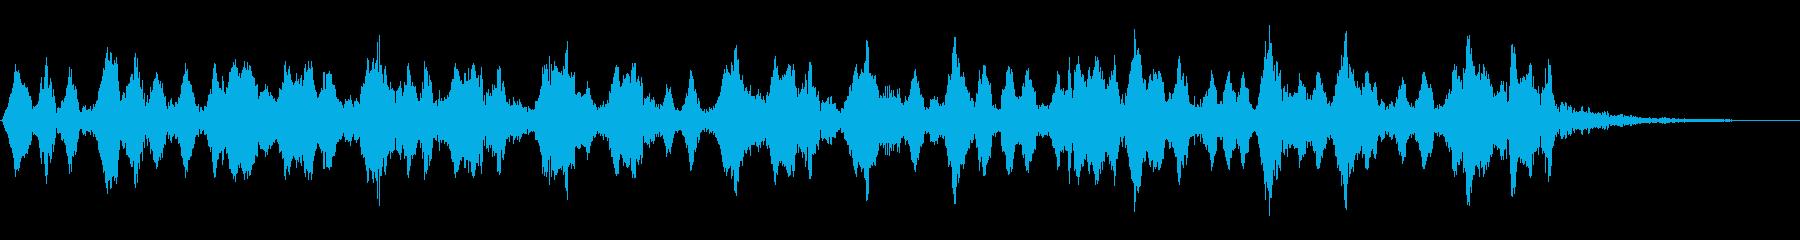 フルートは忙しく、神秘的の再生済みの波形